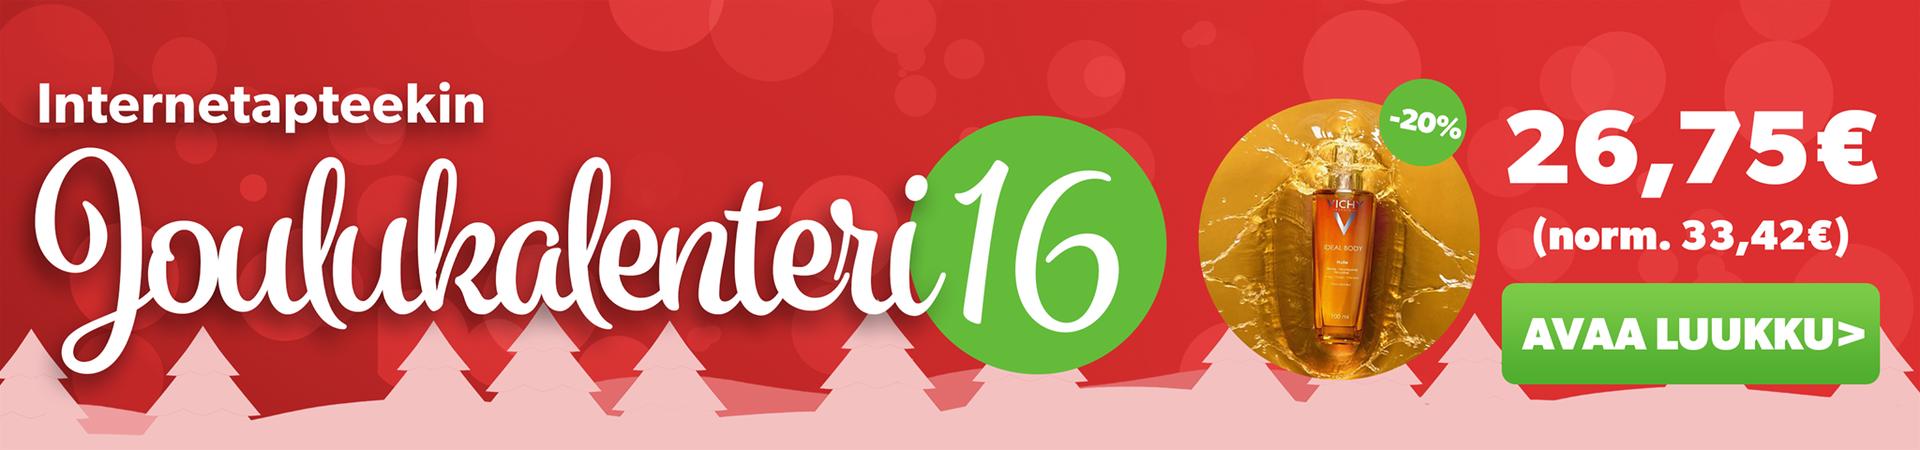 Joulukalenterin luukku 16